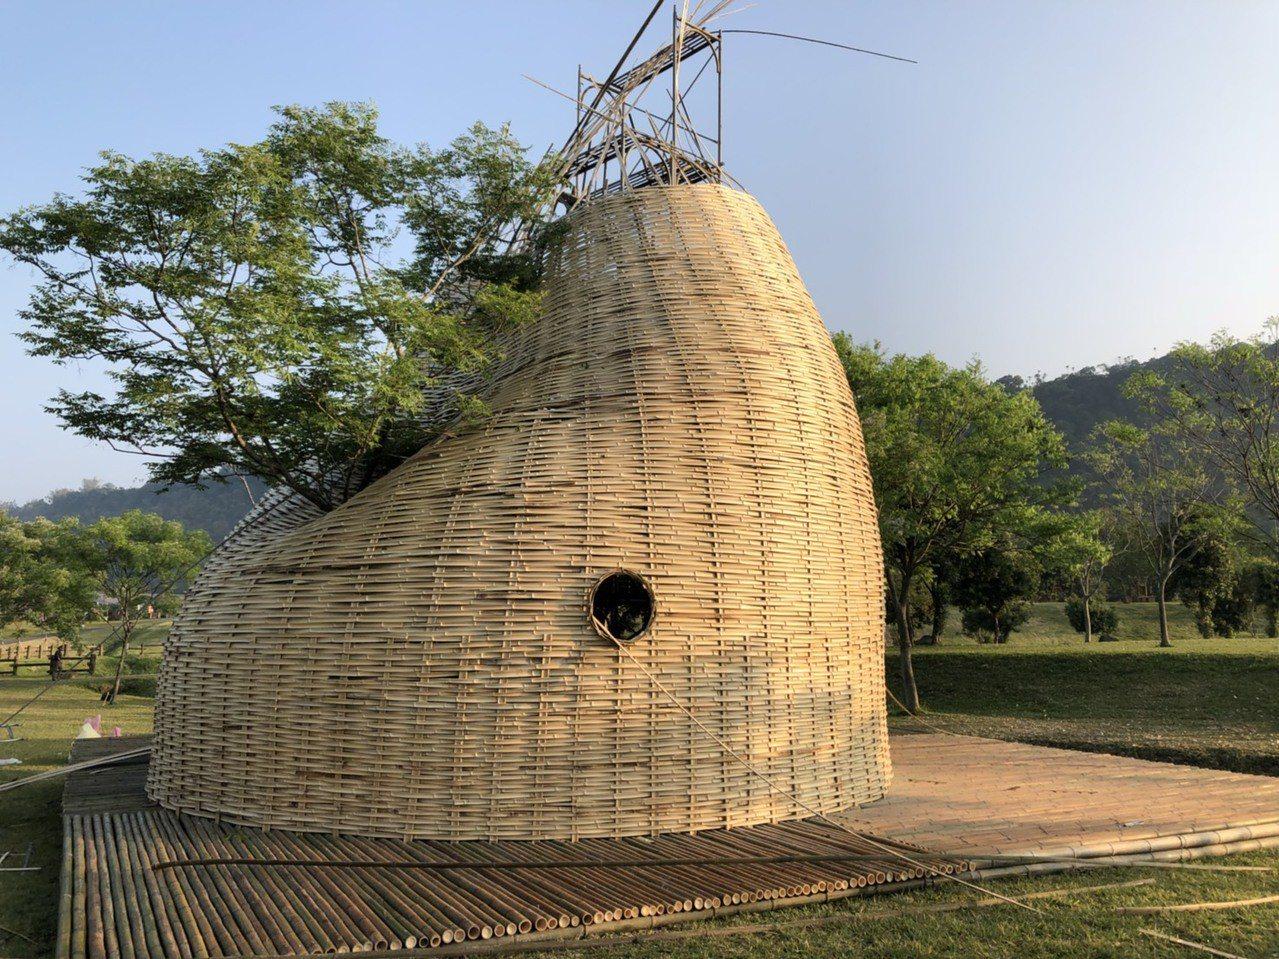 阿里山國家風景區管理處將於3月31日、4月1日在牛埔仔遊憩區舉辦「阿里山四季茶旅...